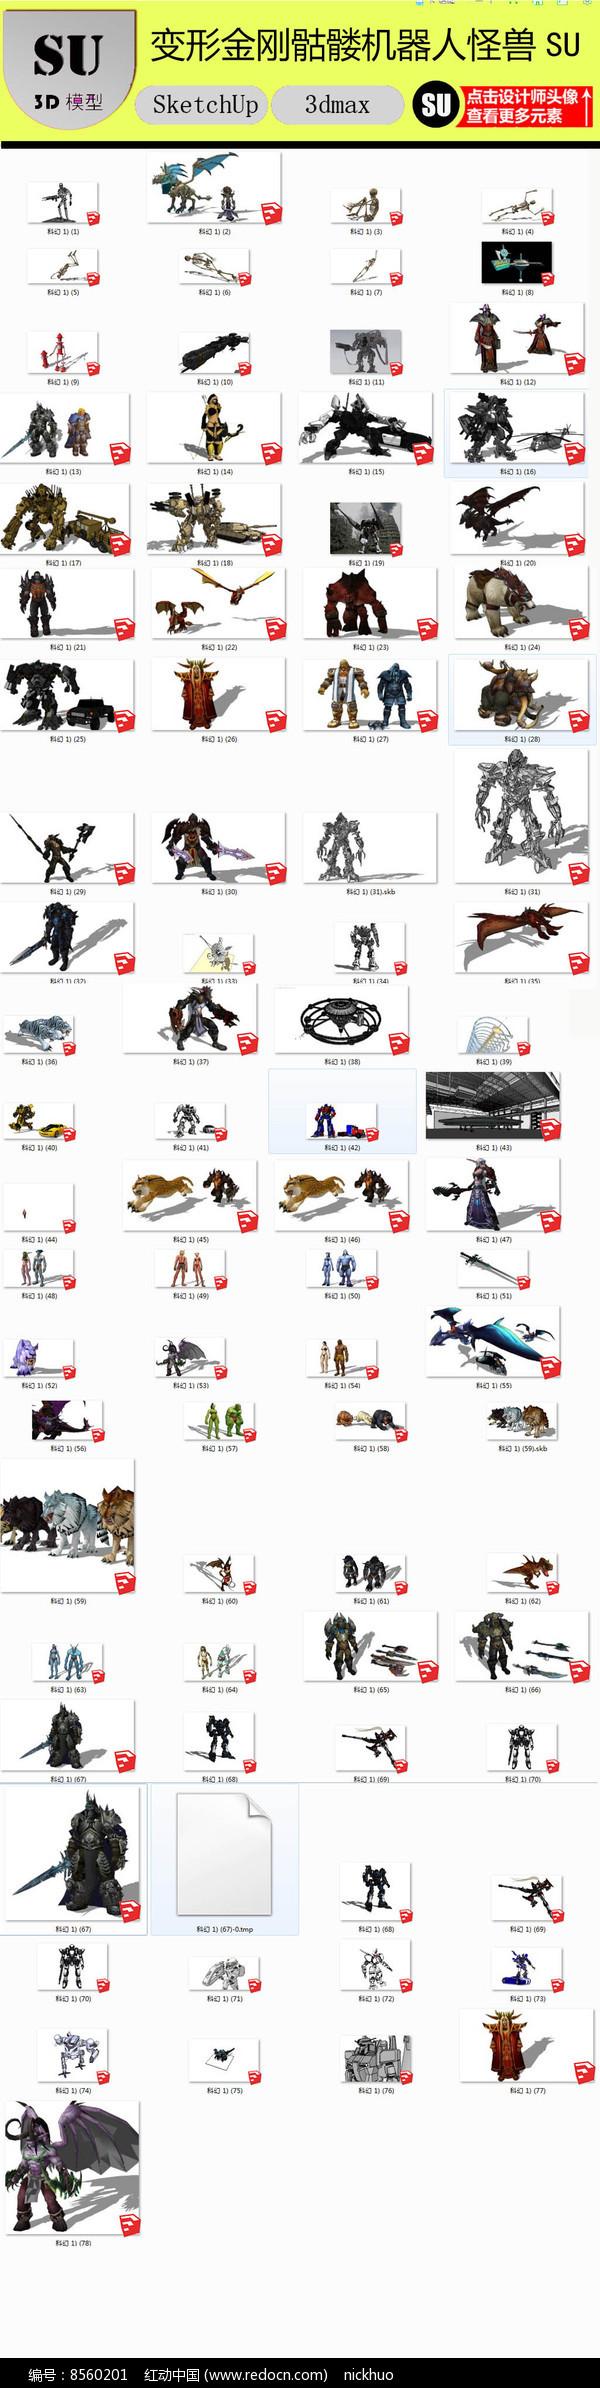 科幻变形金刚机器人su模型图片